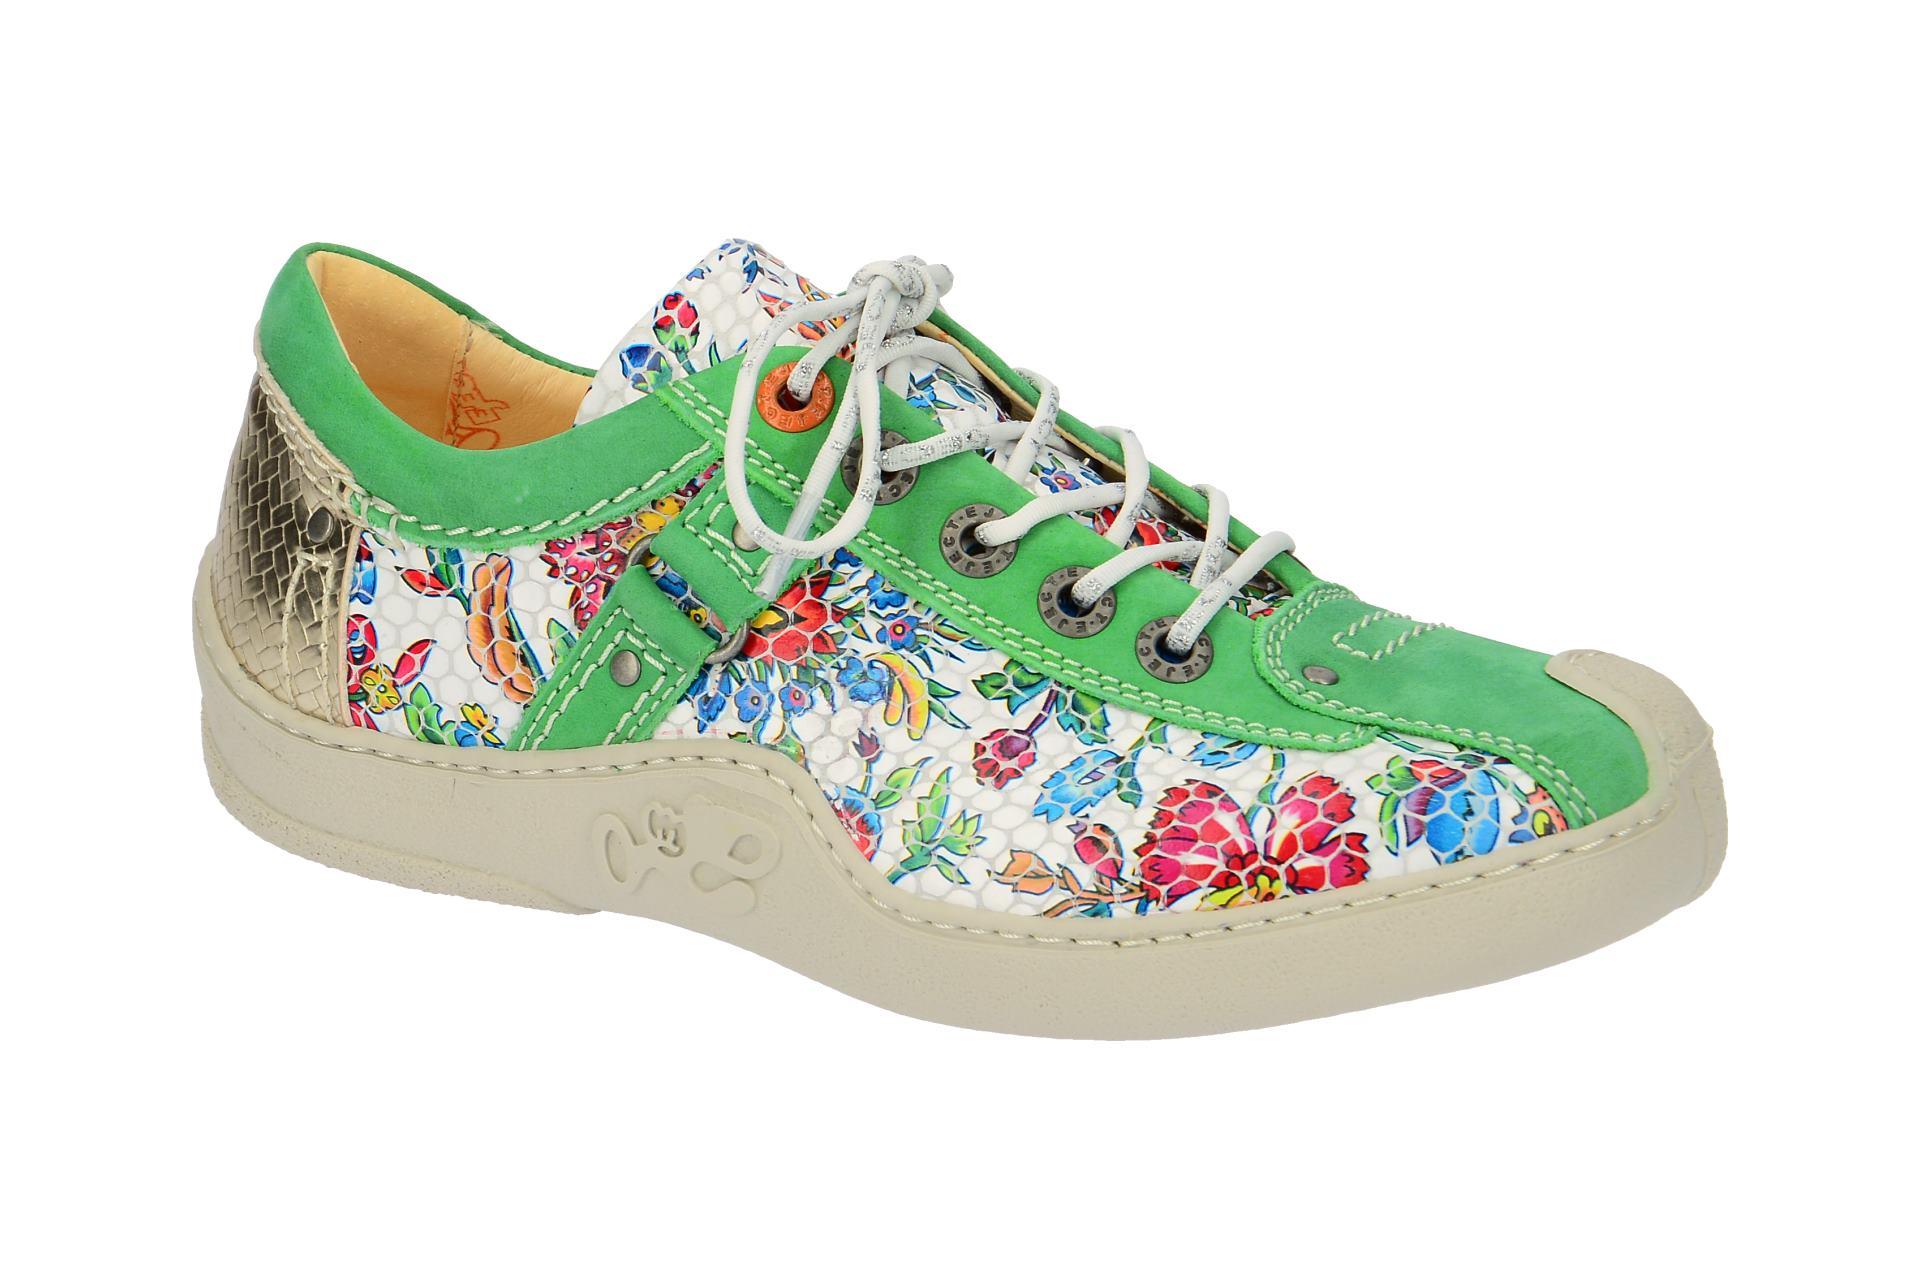 Eject Aura Schuhe grün Blumen Muster 63Bn5oa